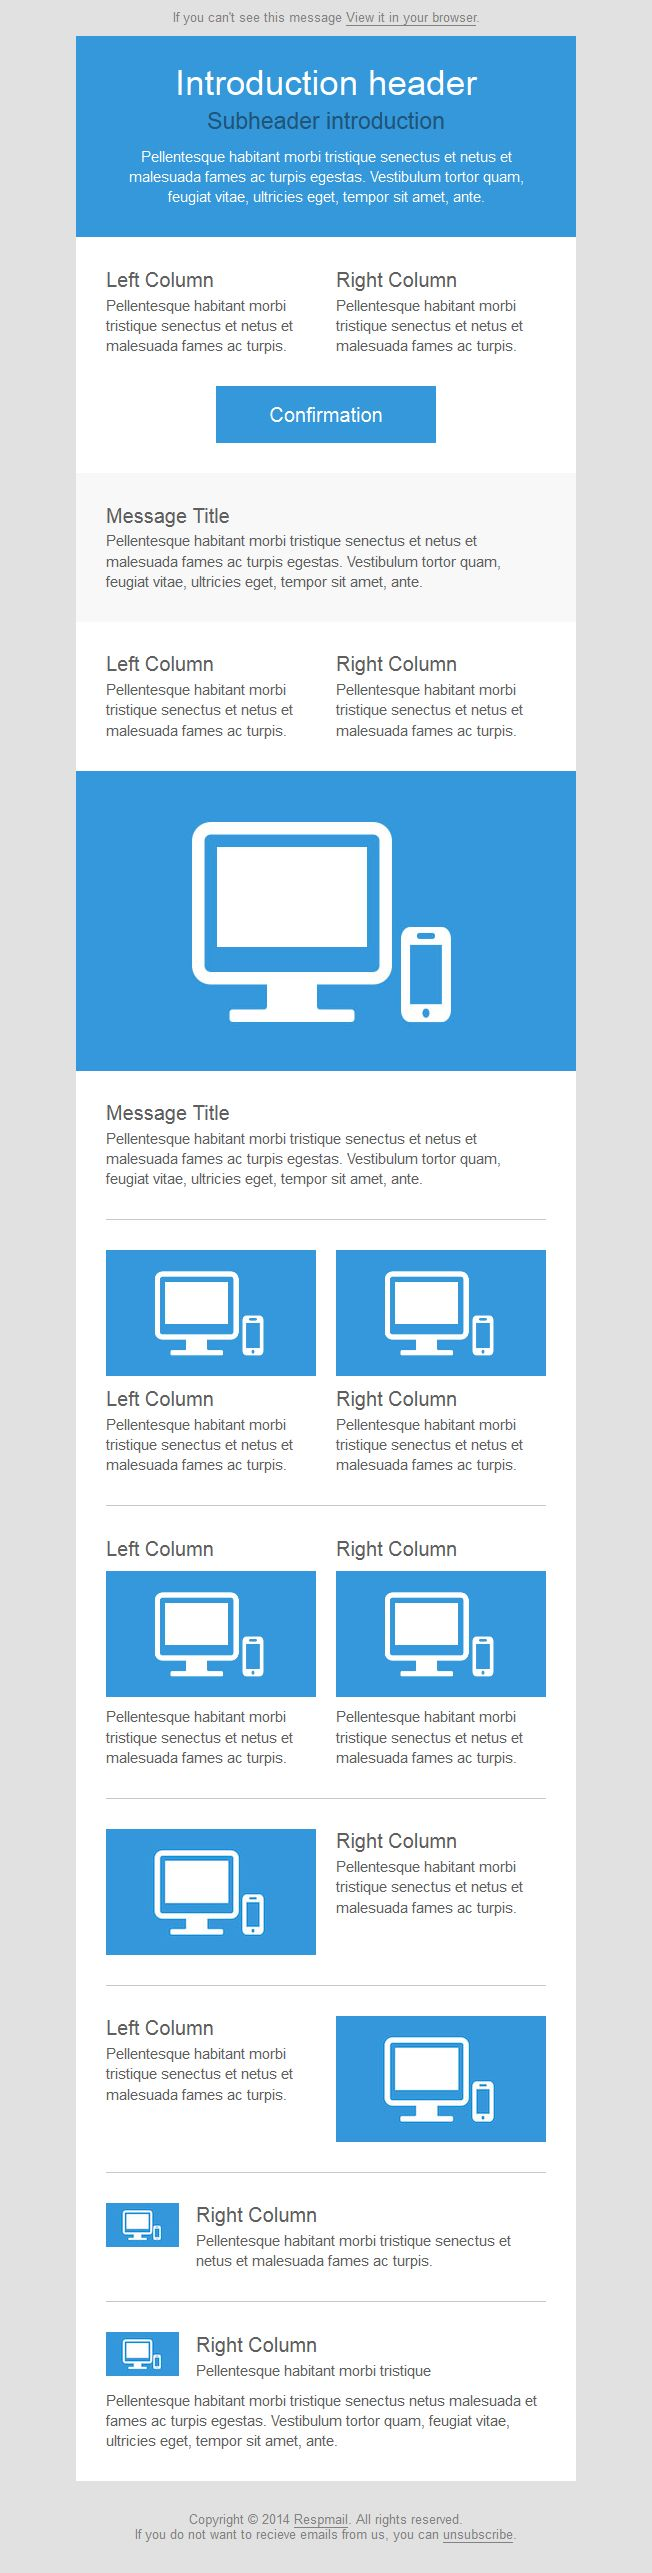 40 bästa bilderna om Email Template på Pinterest | Skärm, Layout ...